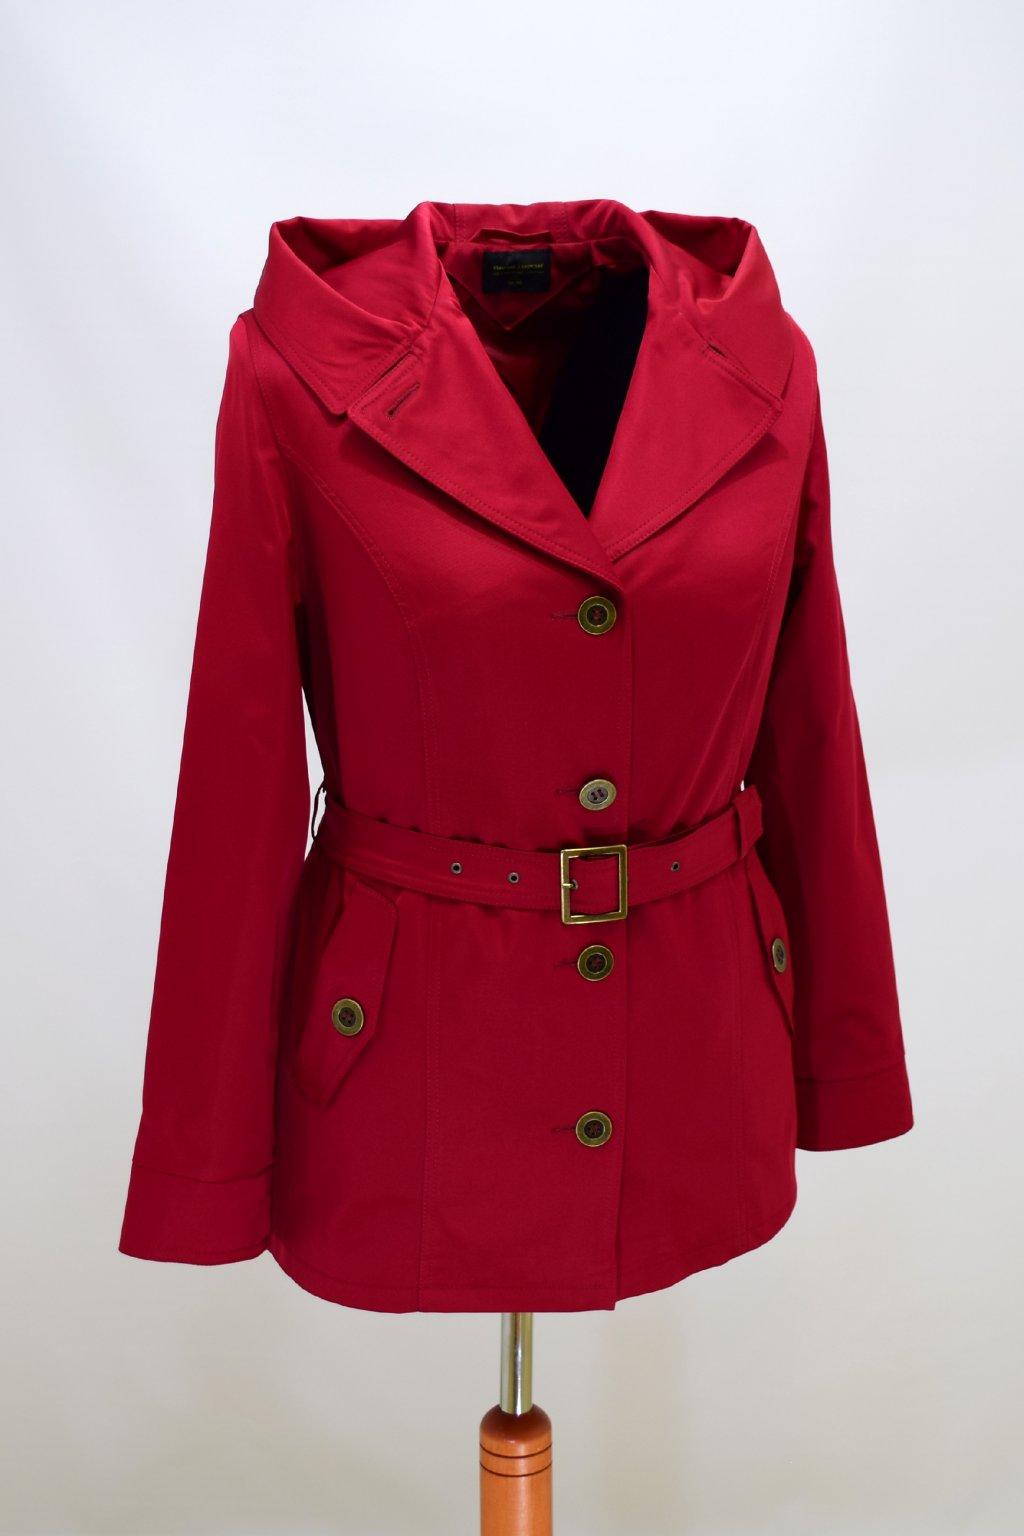 Dámský vínový jarní kabátek Eva nadměrné velikosti